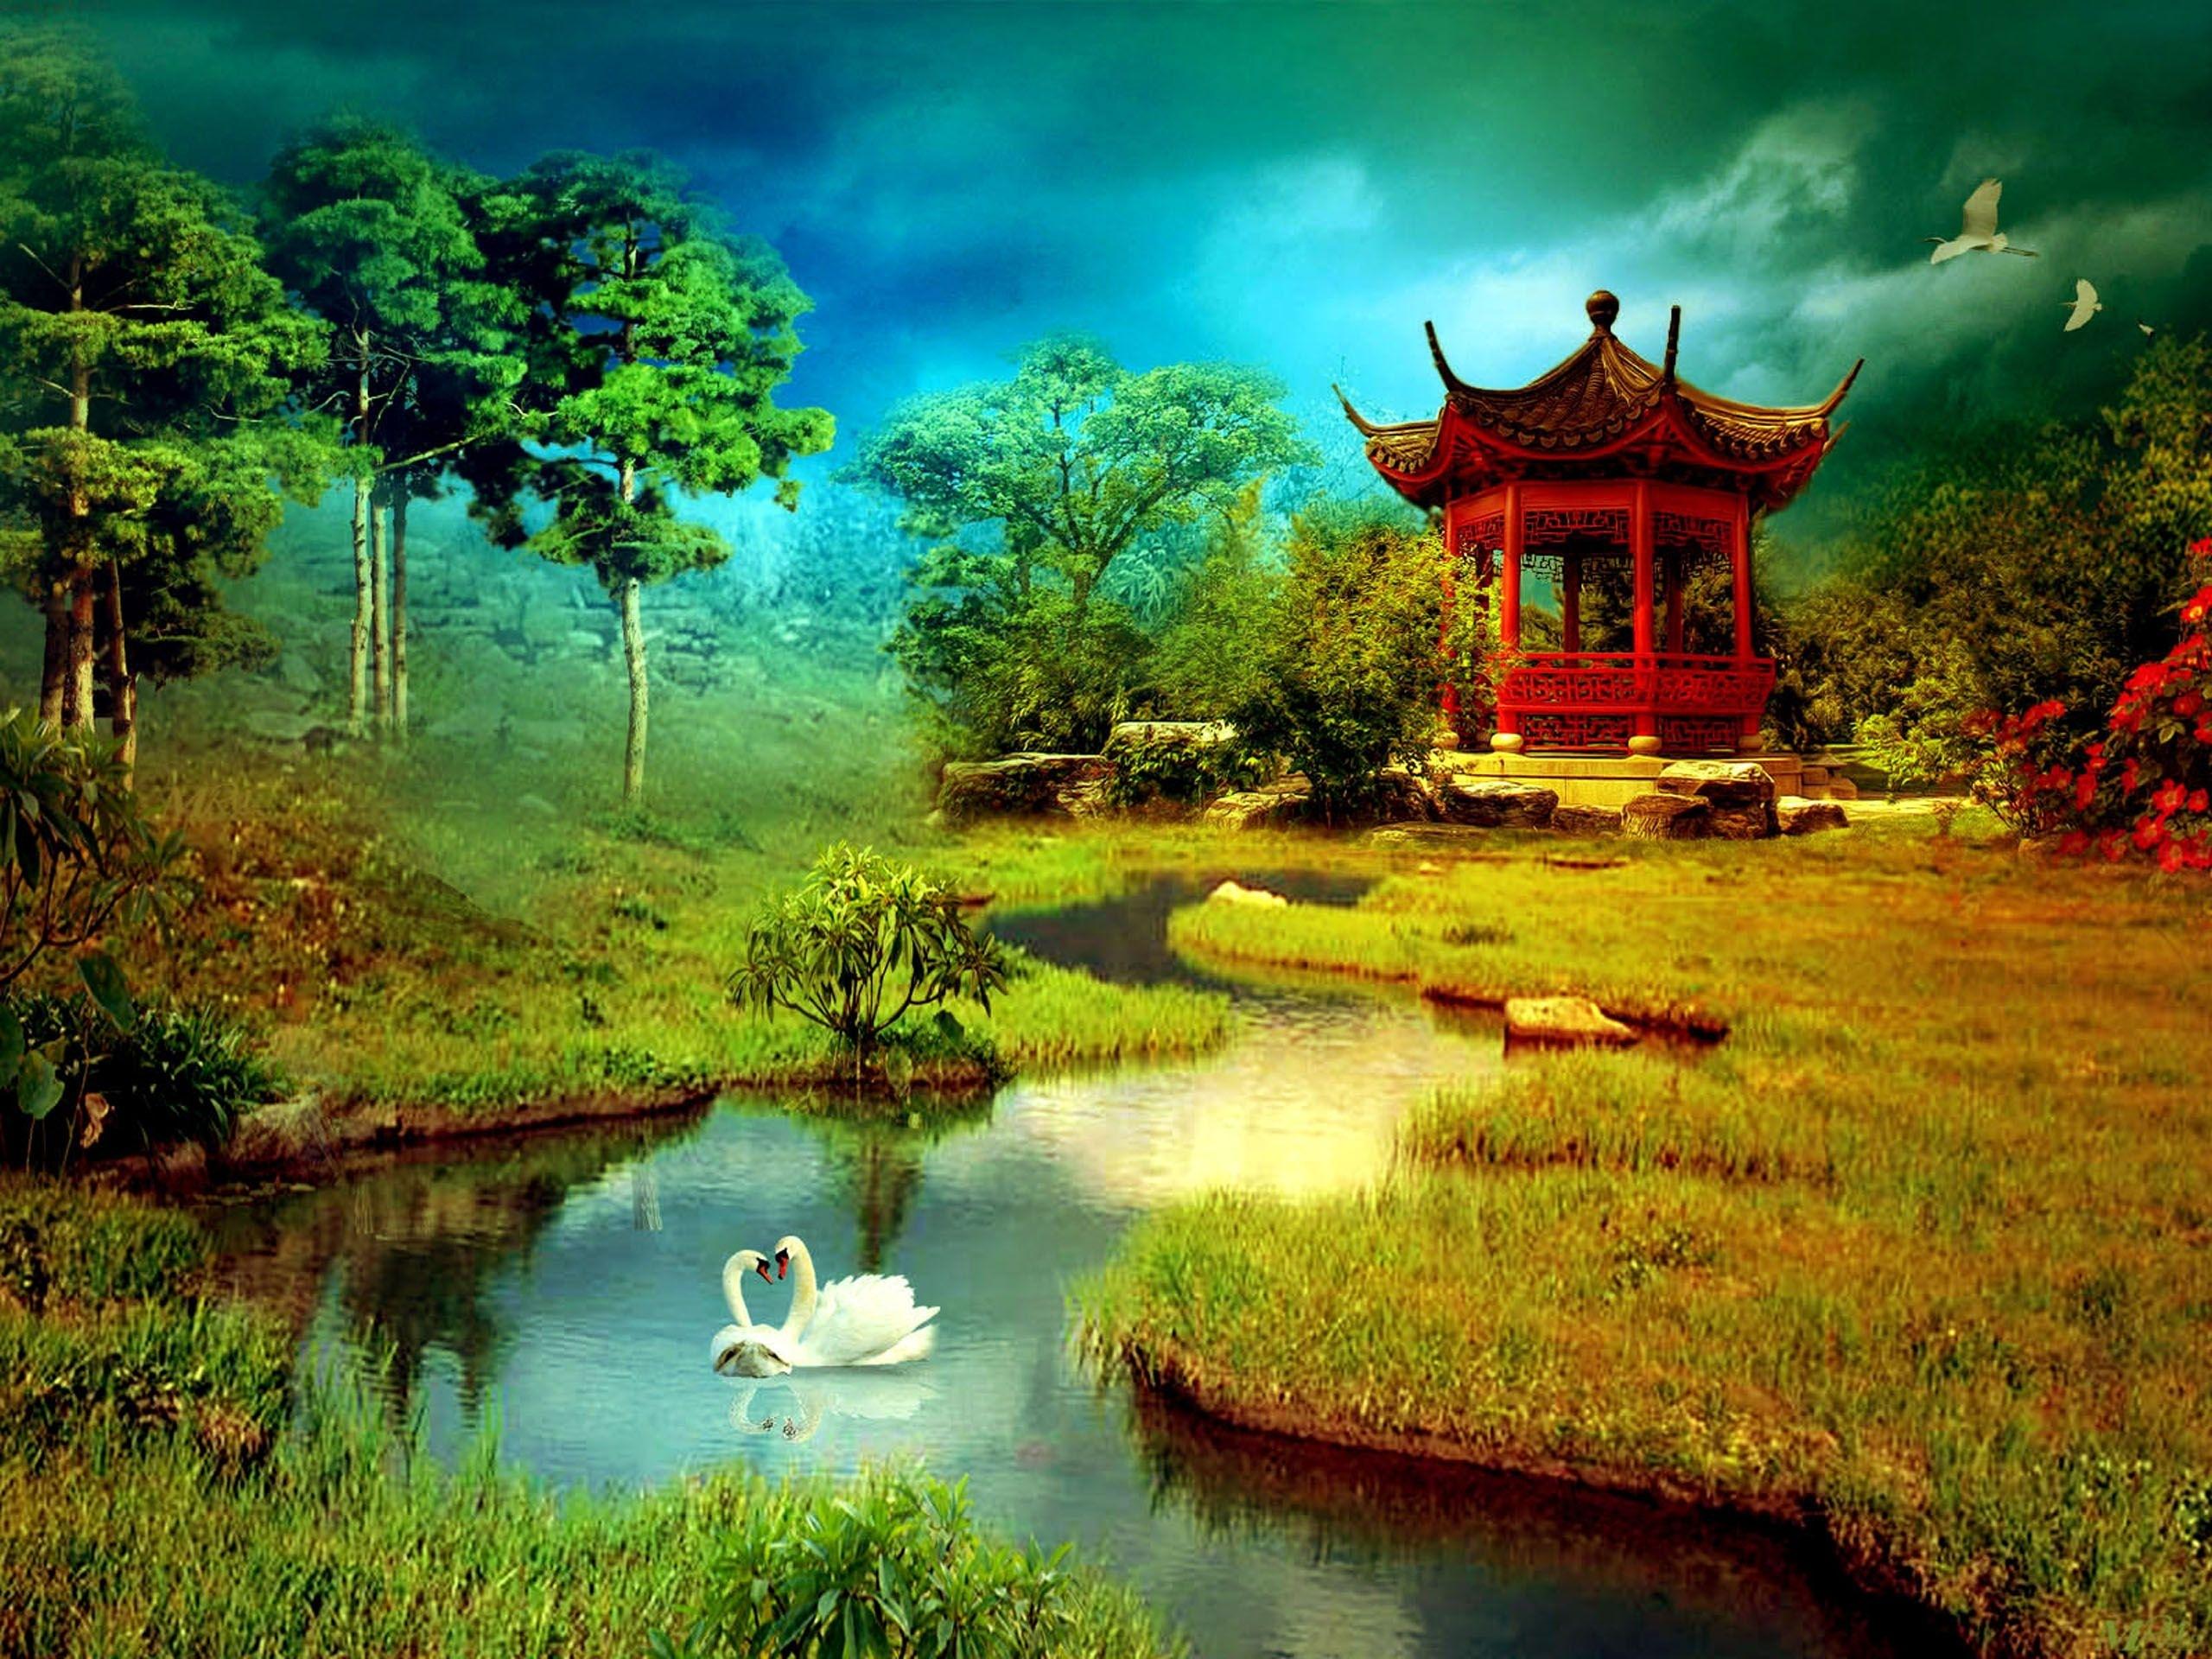 nature backgrounds   free wallpapers, desktop wallpaper, desktop